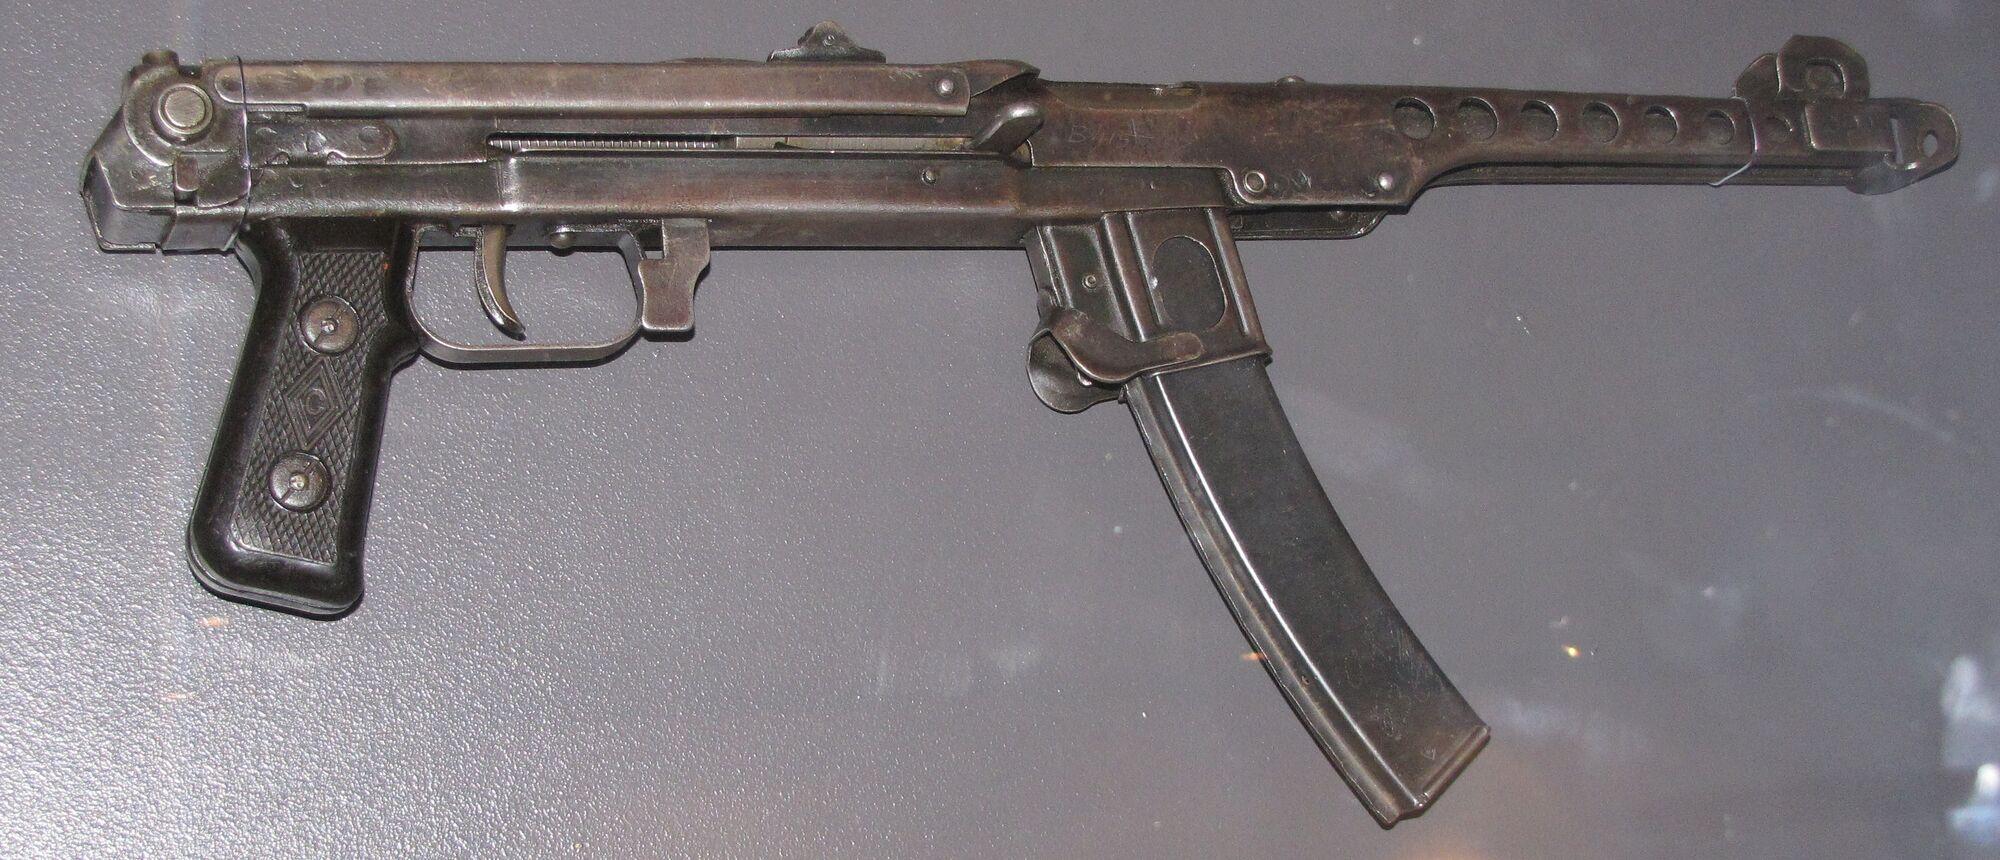 Pps Submachine Gun Gun Wiki Fandom Powered By Wikia